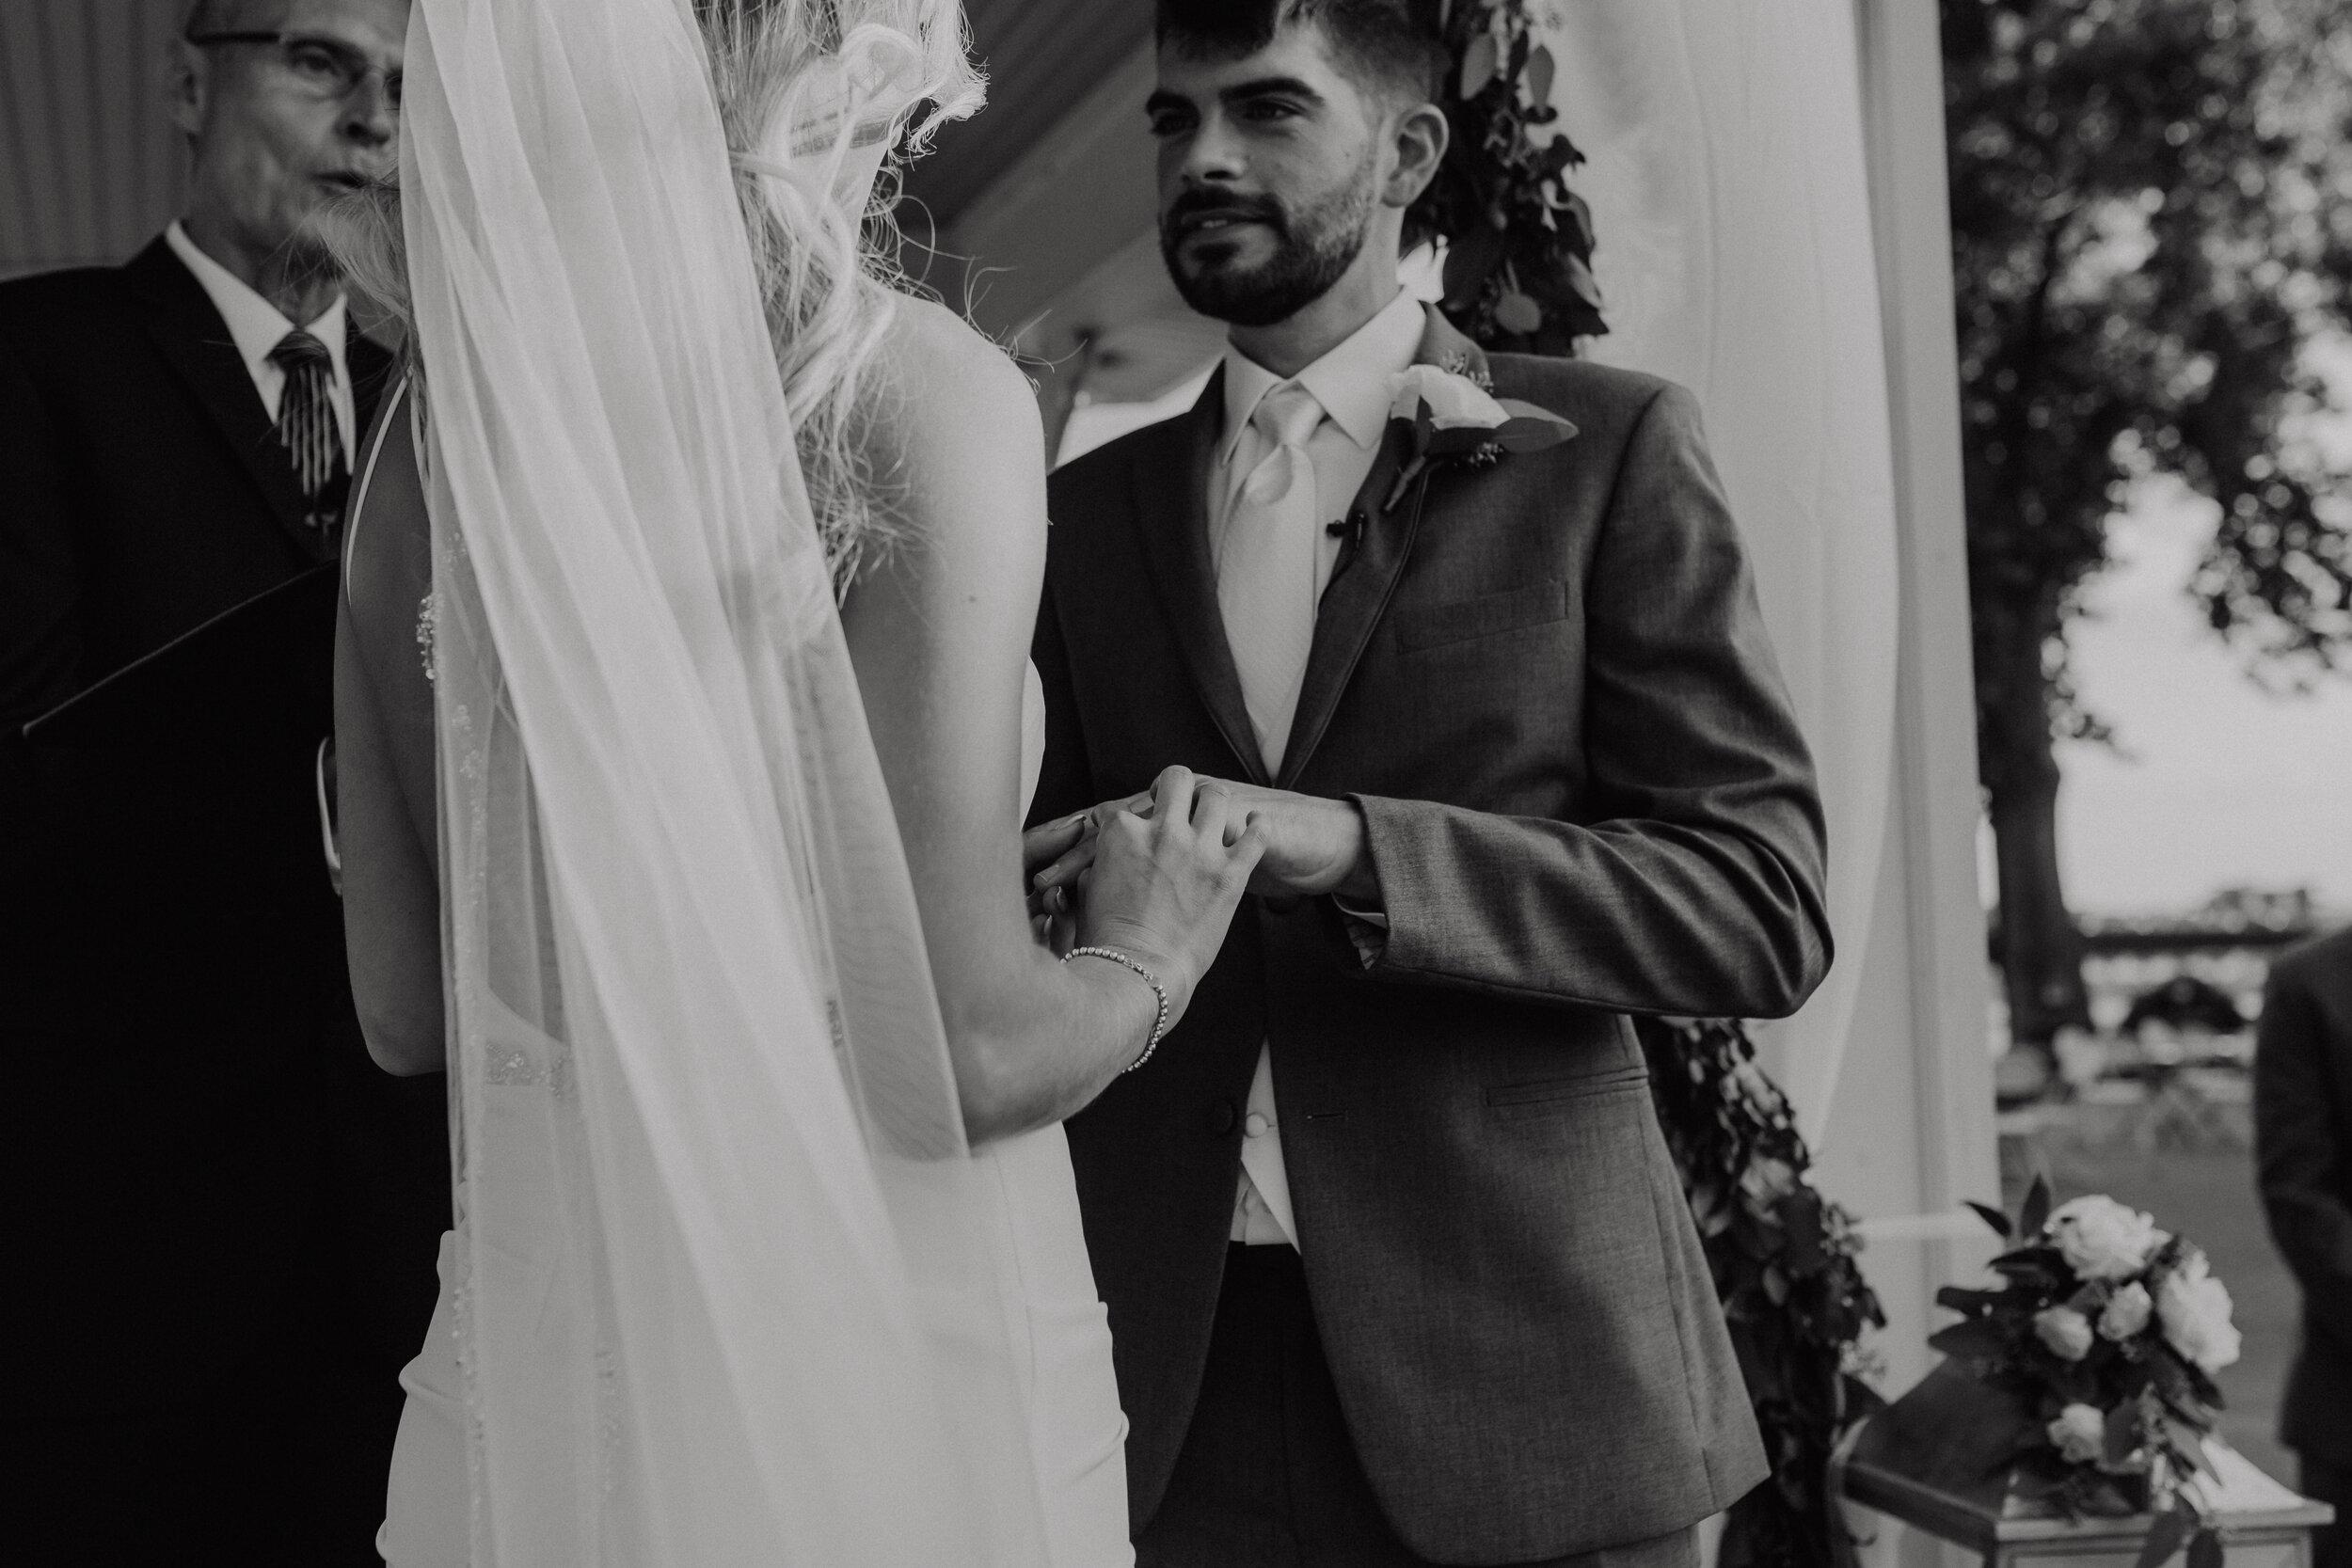 schenectady-new-york-wedding038.jpg